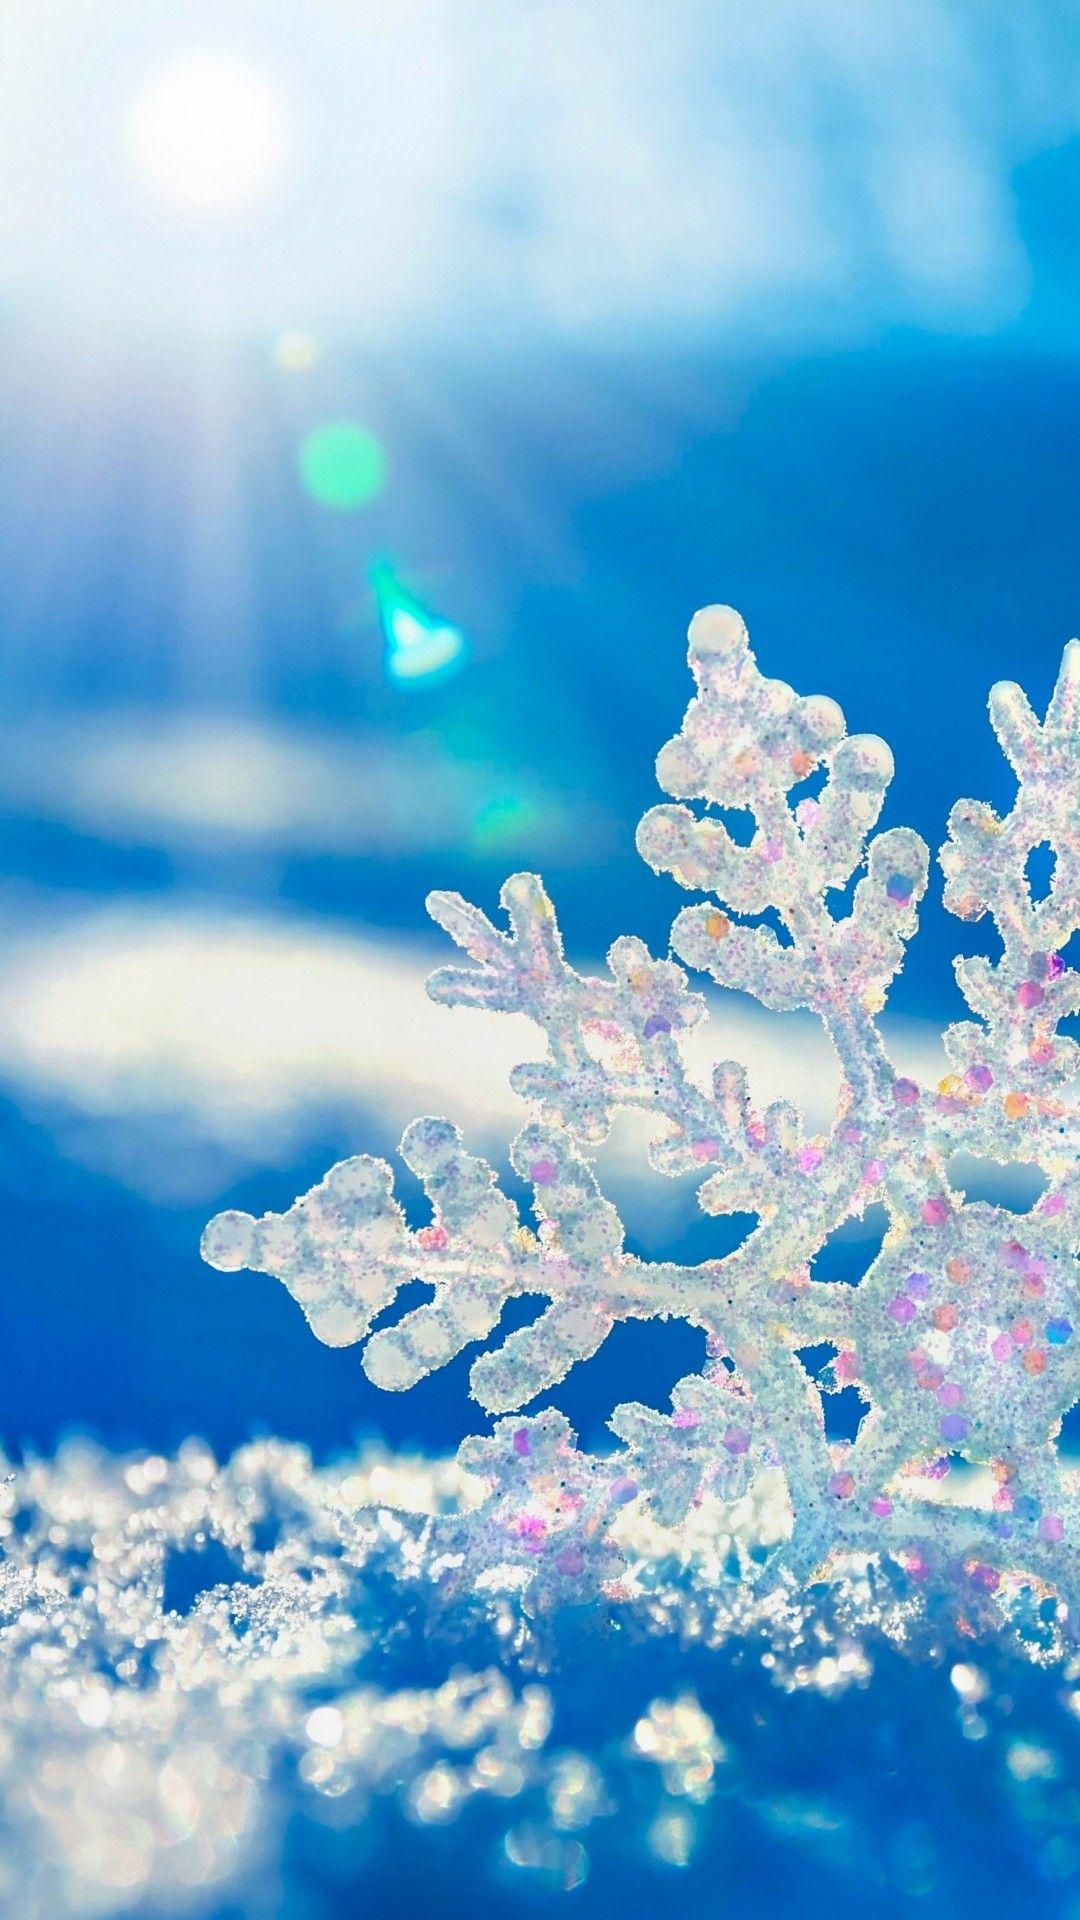 スノークリスタル 冬の壁紙 風景の壁紙 壁紙